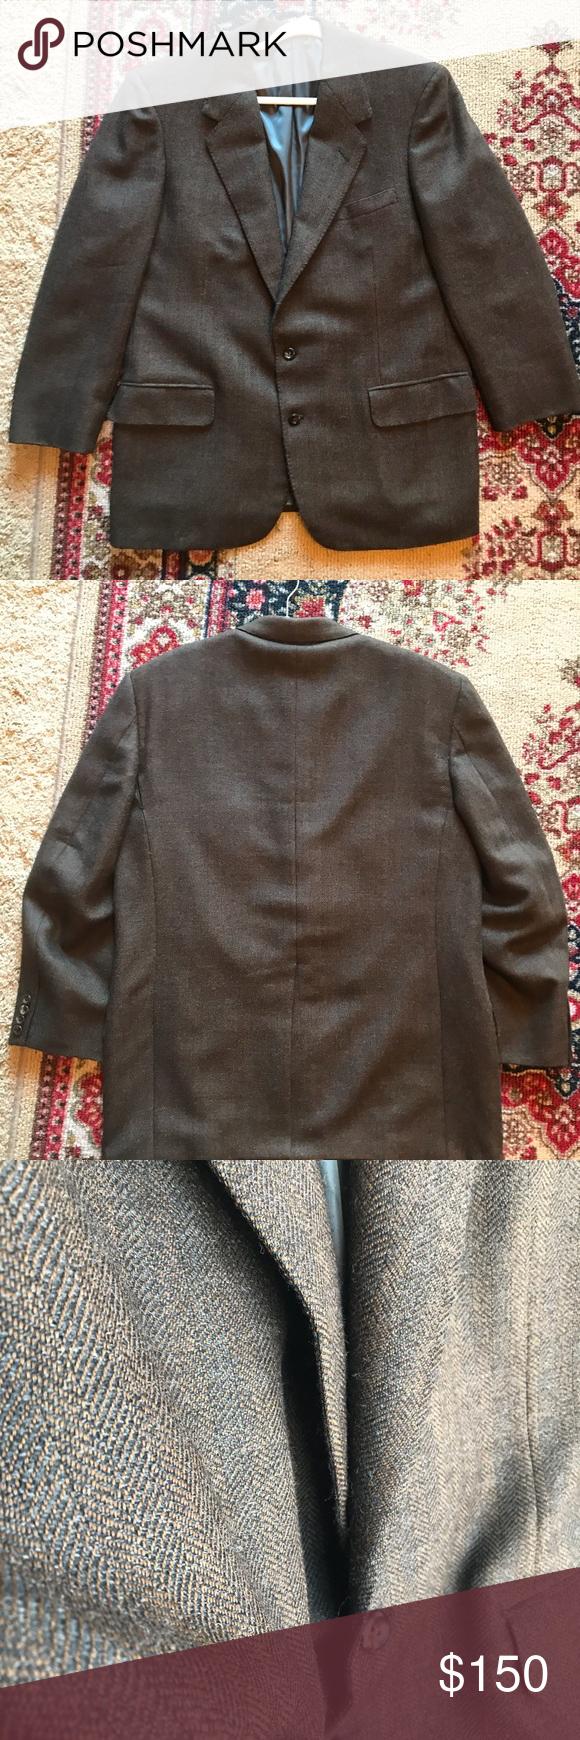 Vintage Oxxford pure alpaca suit jacket blazer Super soft